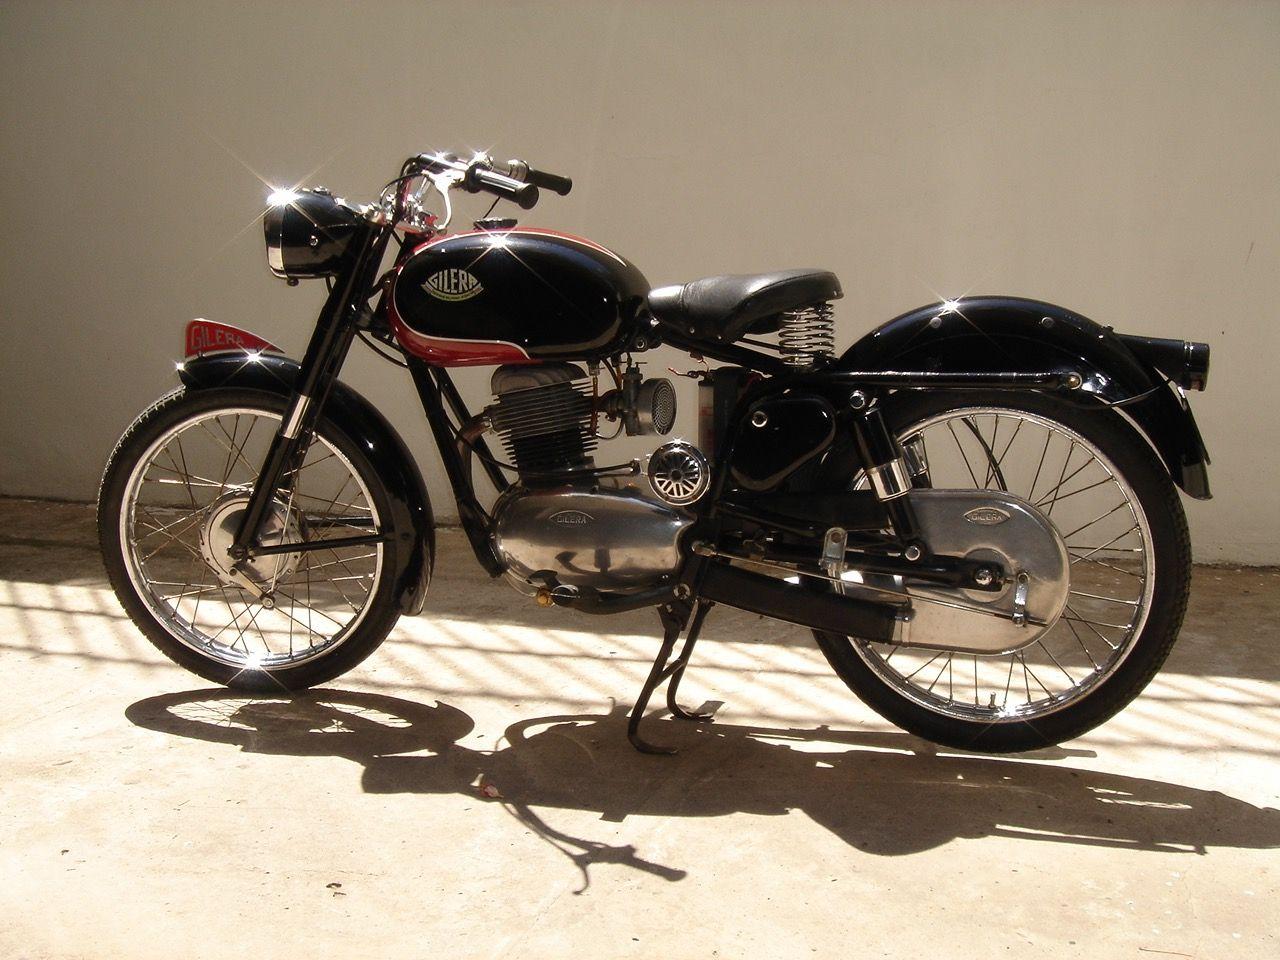 mi gilera super sport 150 año 1954 | automóviles y motocicletas